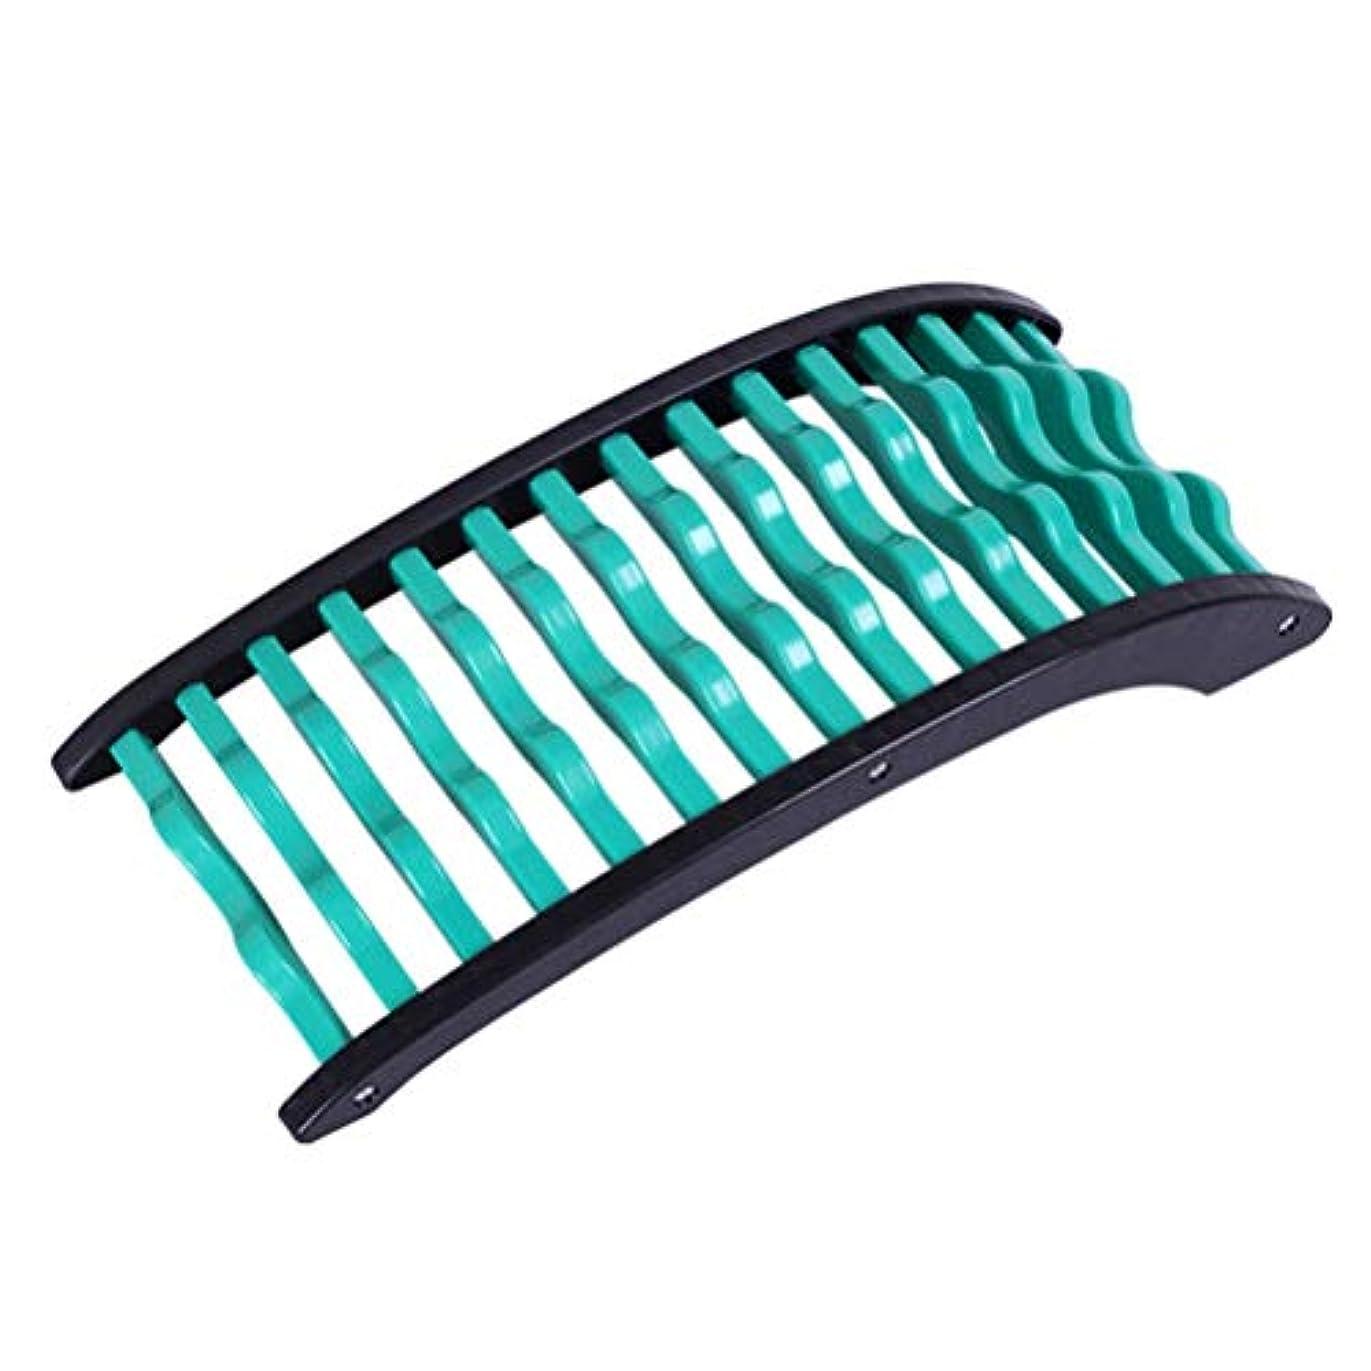 不完全なスマイル故障中バックストレッチャー 腰椎矯正 腰痛リリーフ弧状腰椎引っ張りマッサージ器 寝るだけ簡単 ストレッチ (Color : 緑)